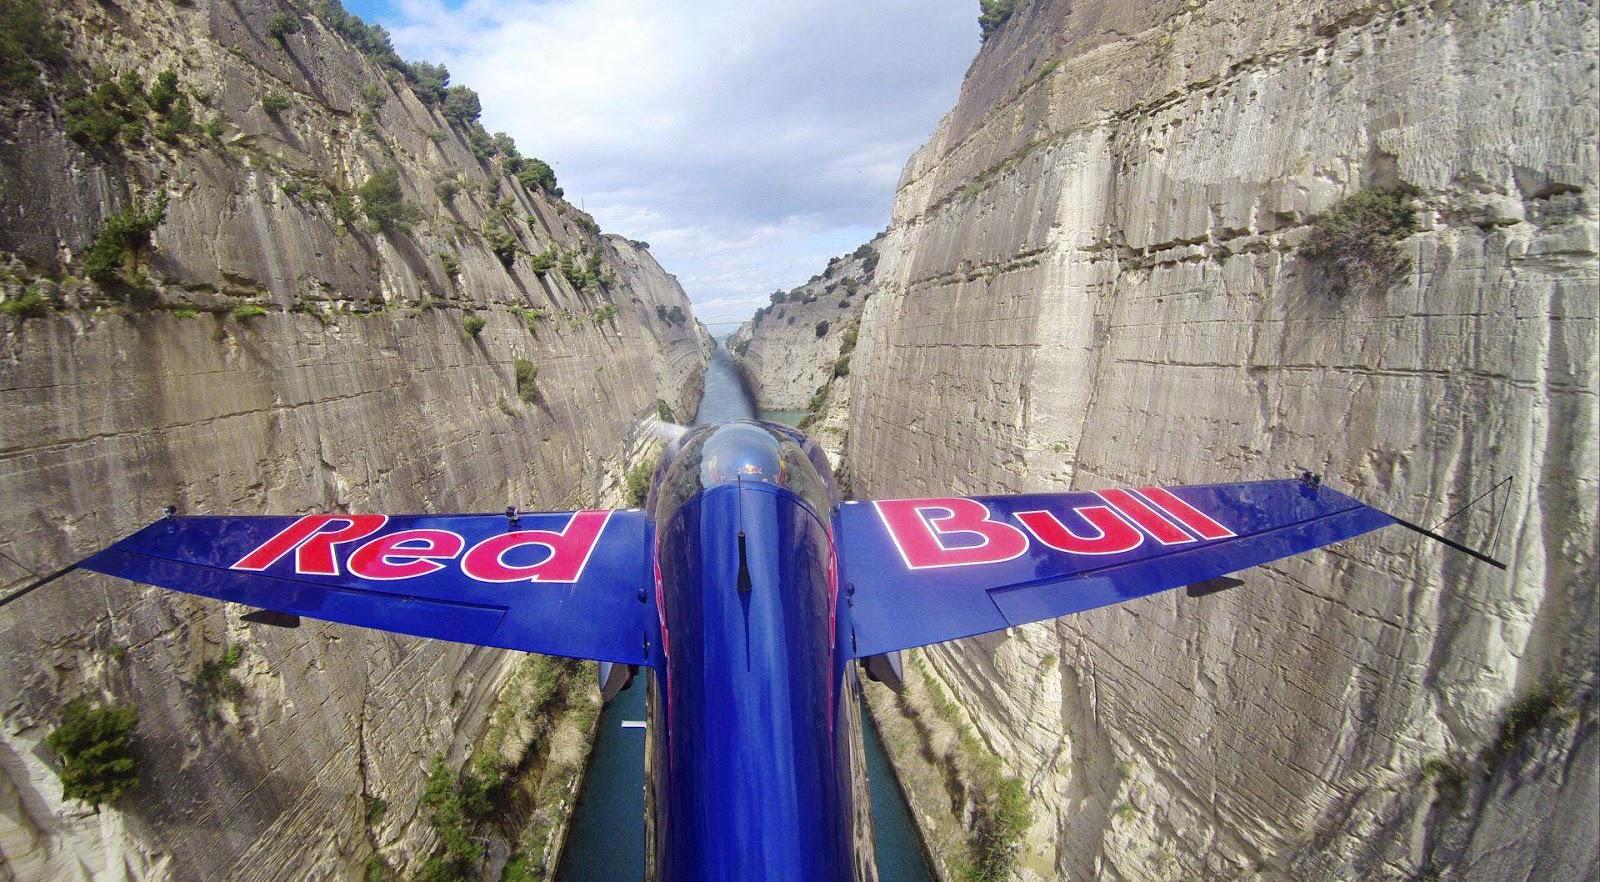 Red Bull Air Race, Besenyei Péter, extrém sport, műrepülés, Korinthoszi-csatorna